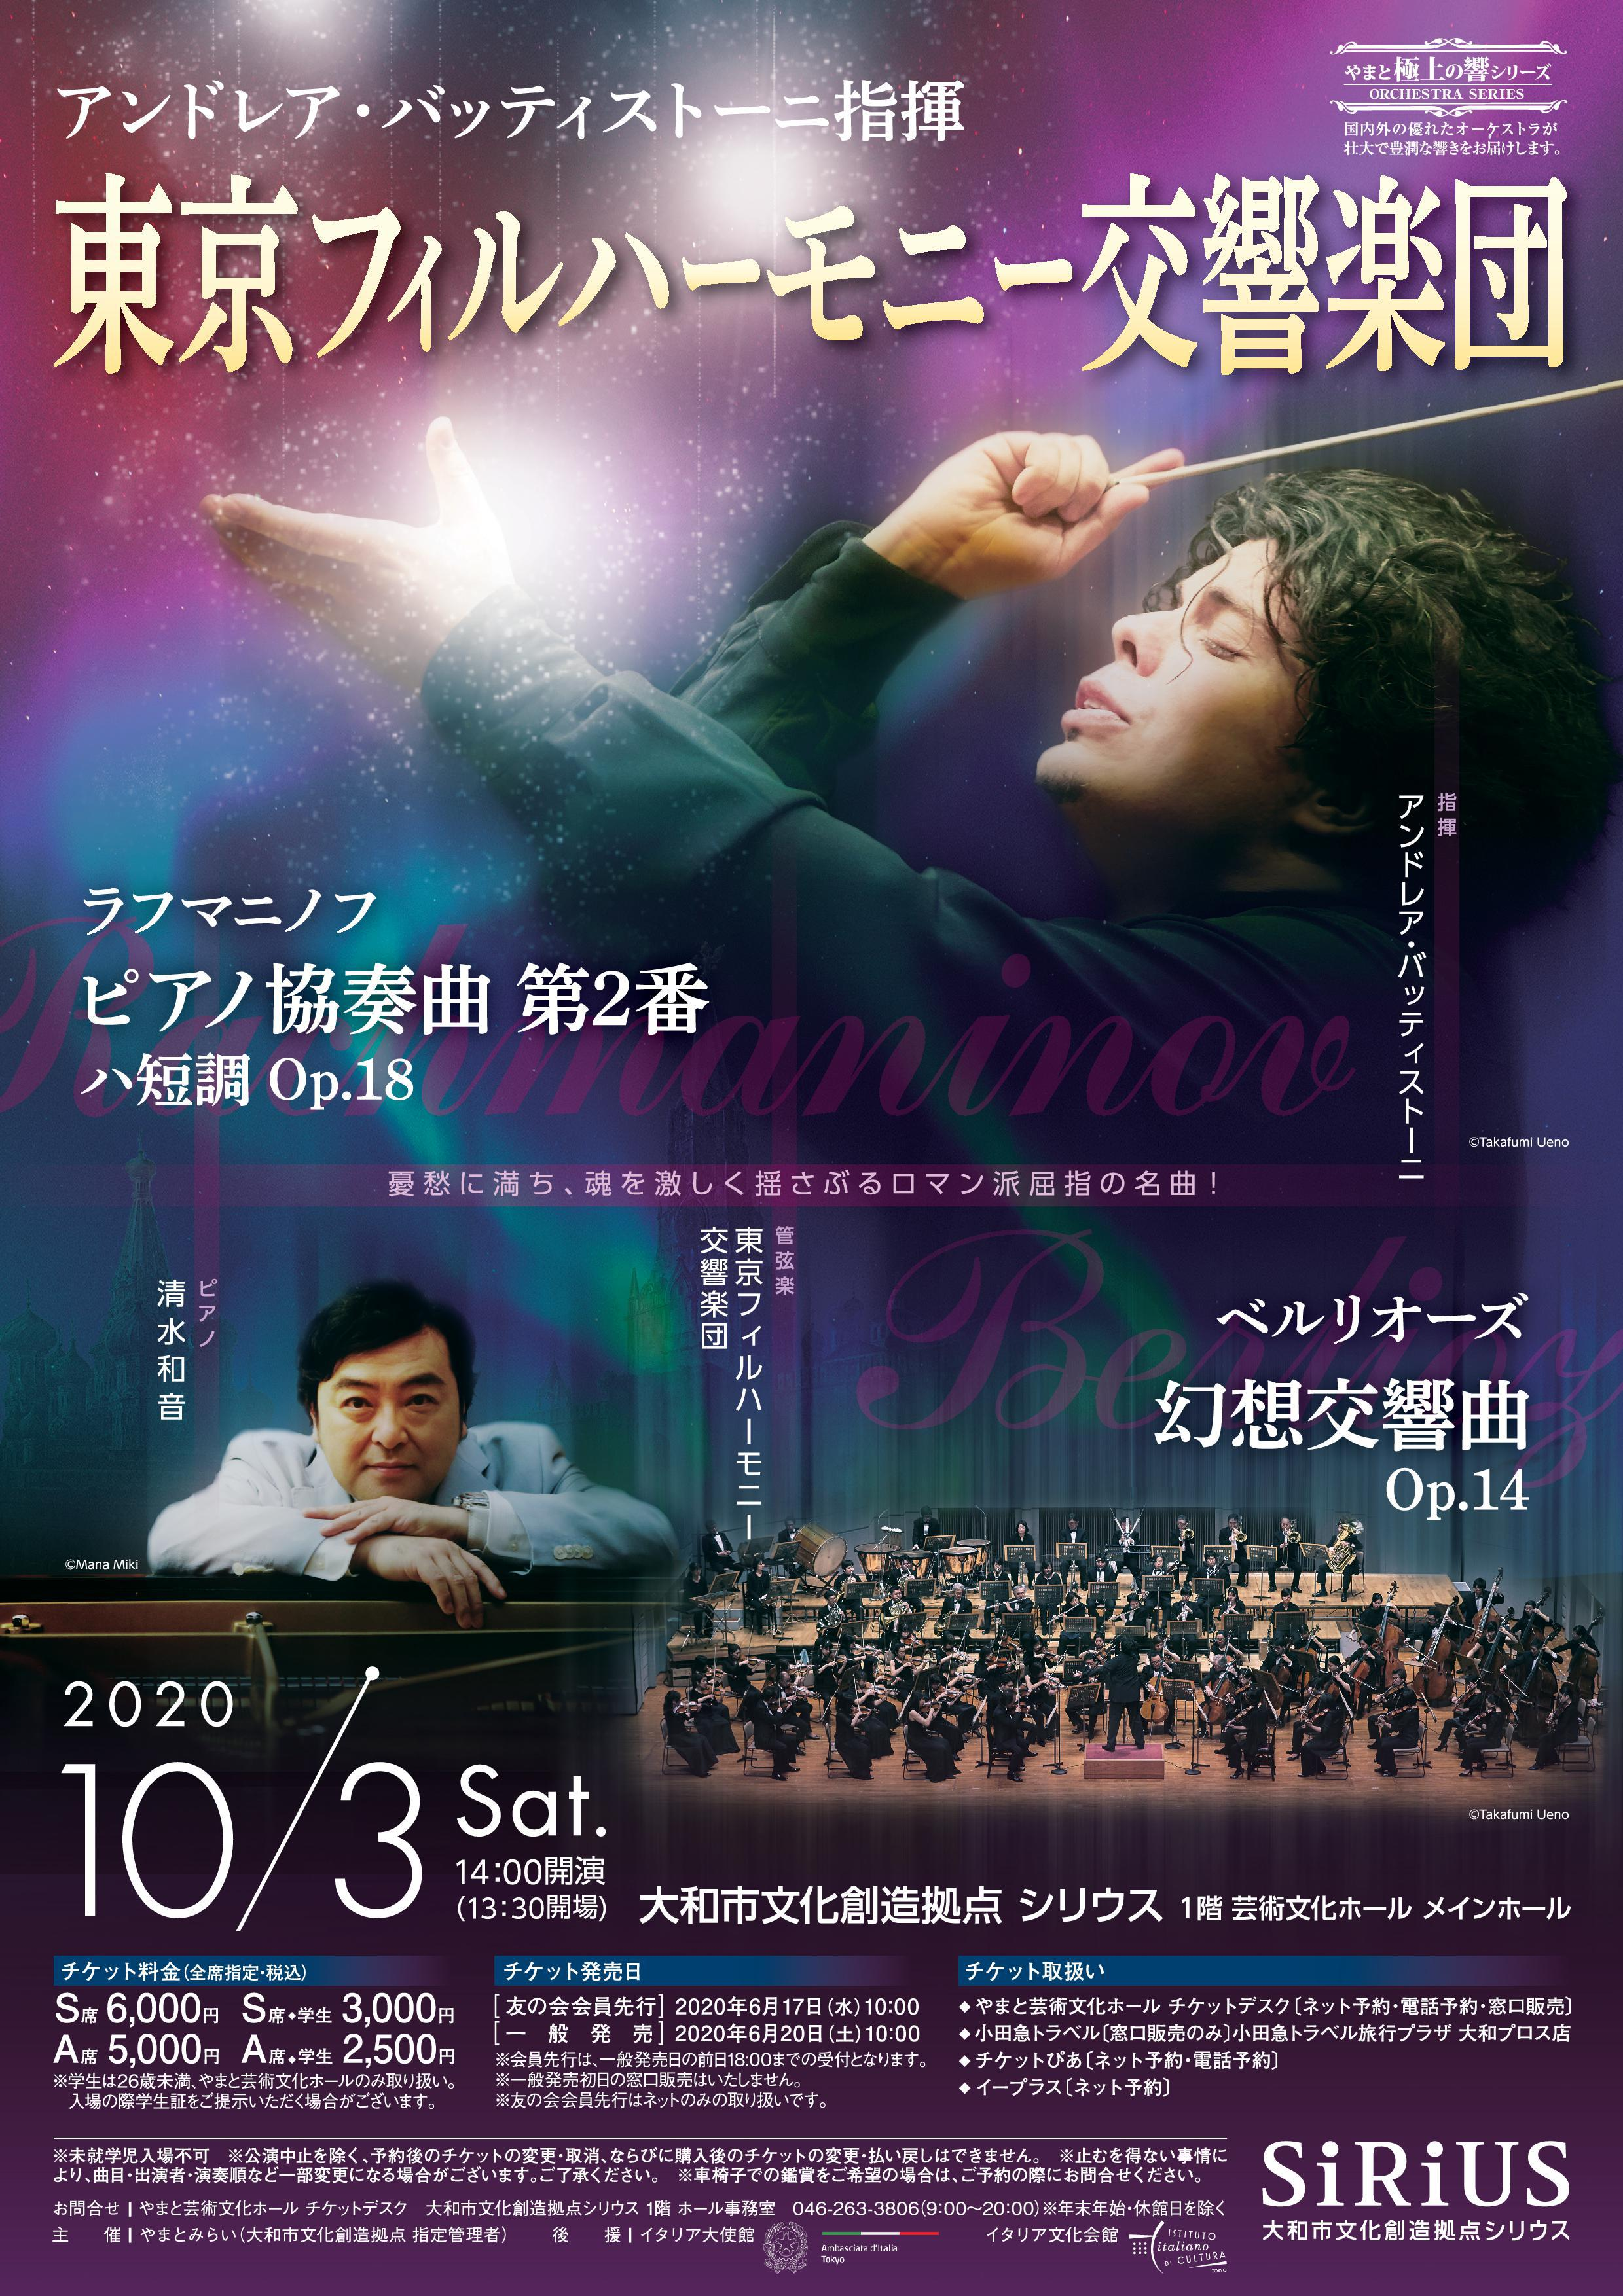 チケット発売中アンドレア・バッティストーニ指揮東京フィルハーモニー交響楽団